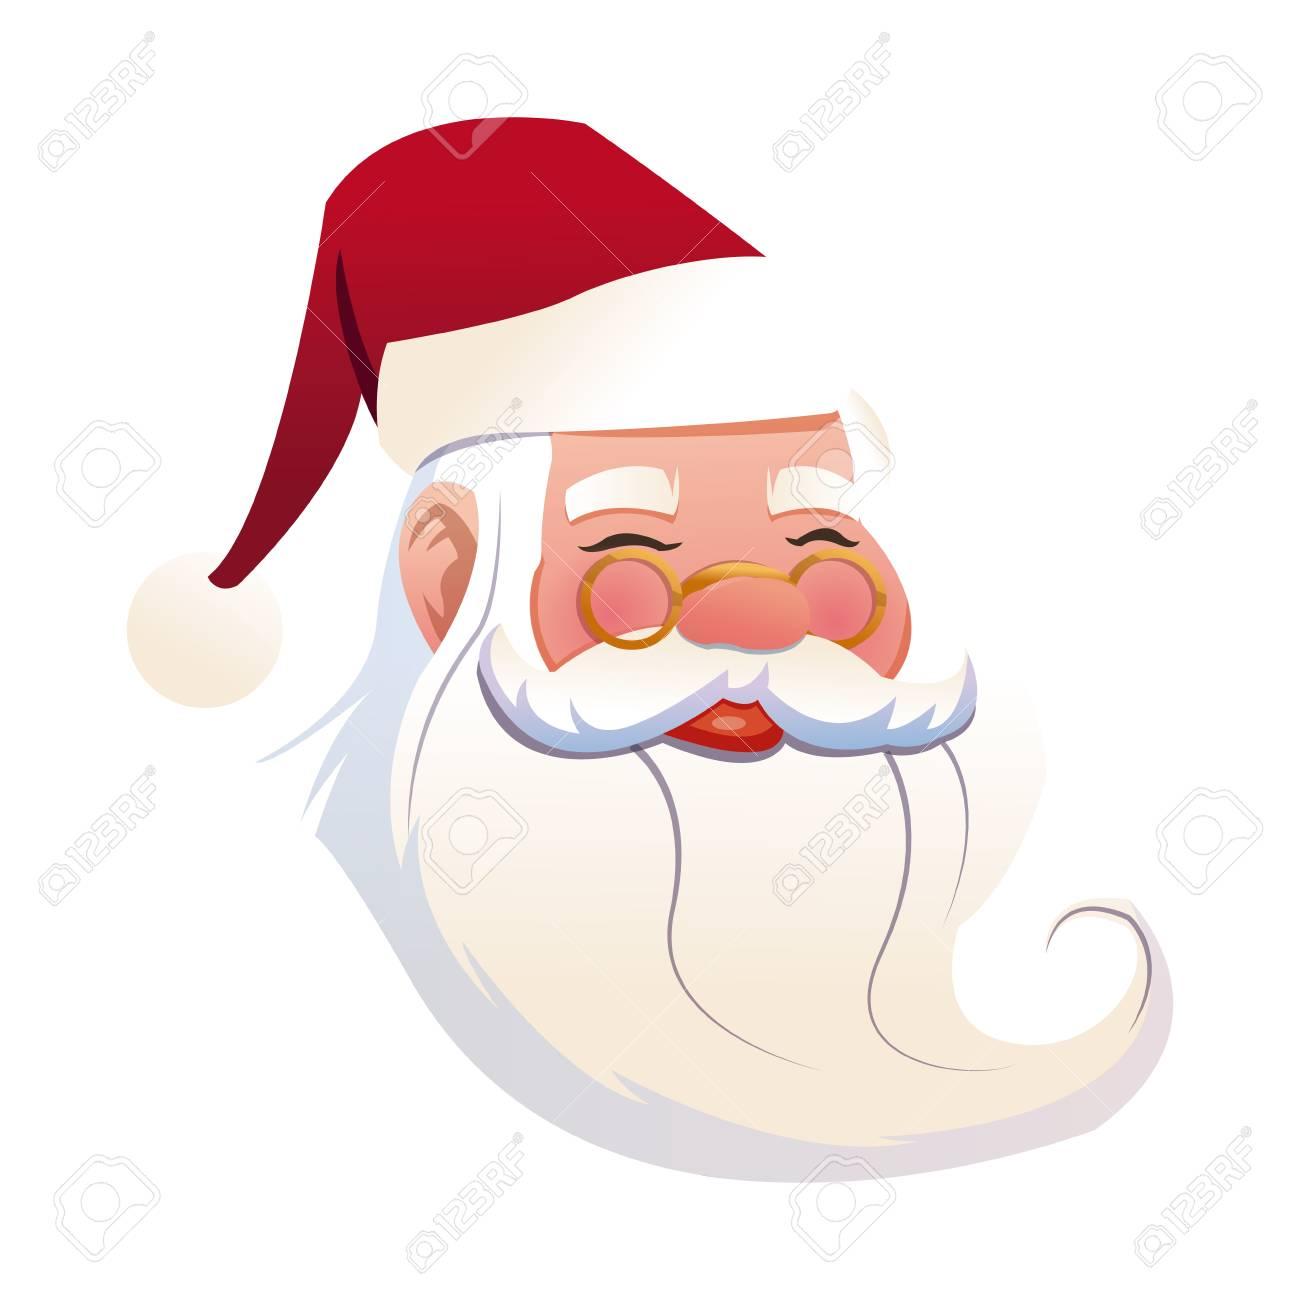 面白い顔サンタ クロース クリスマスお祝い画像ベクトル イラストの